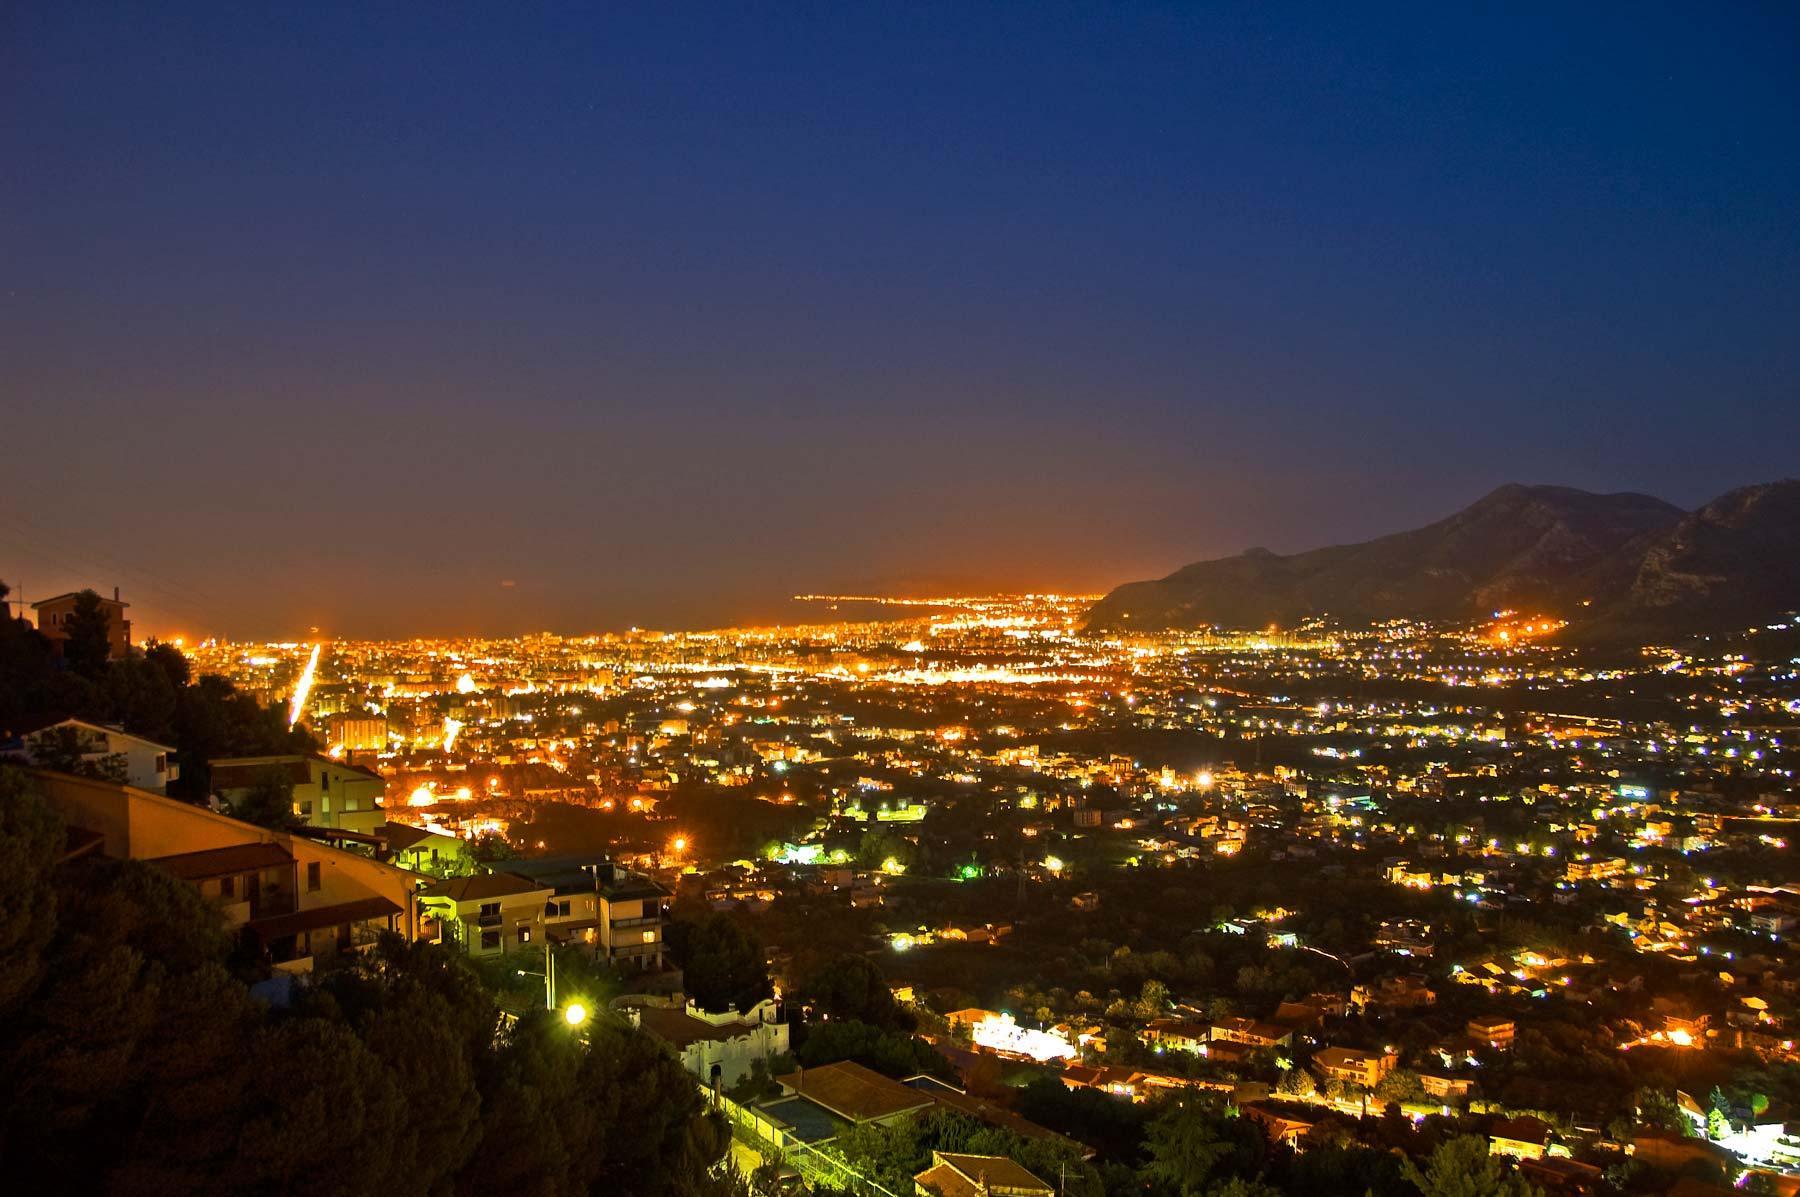 Палермо. Столица Сицилии. Город ночью.